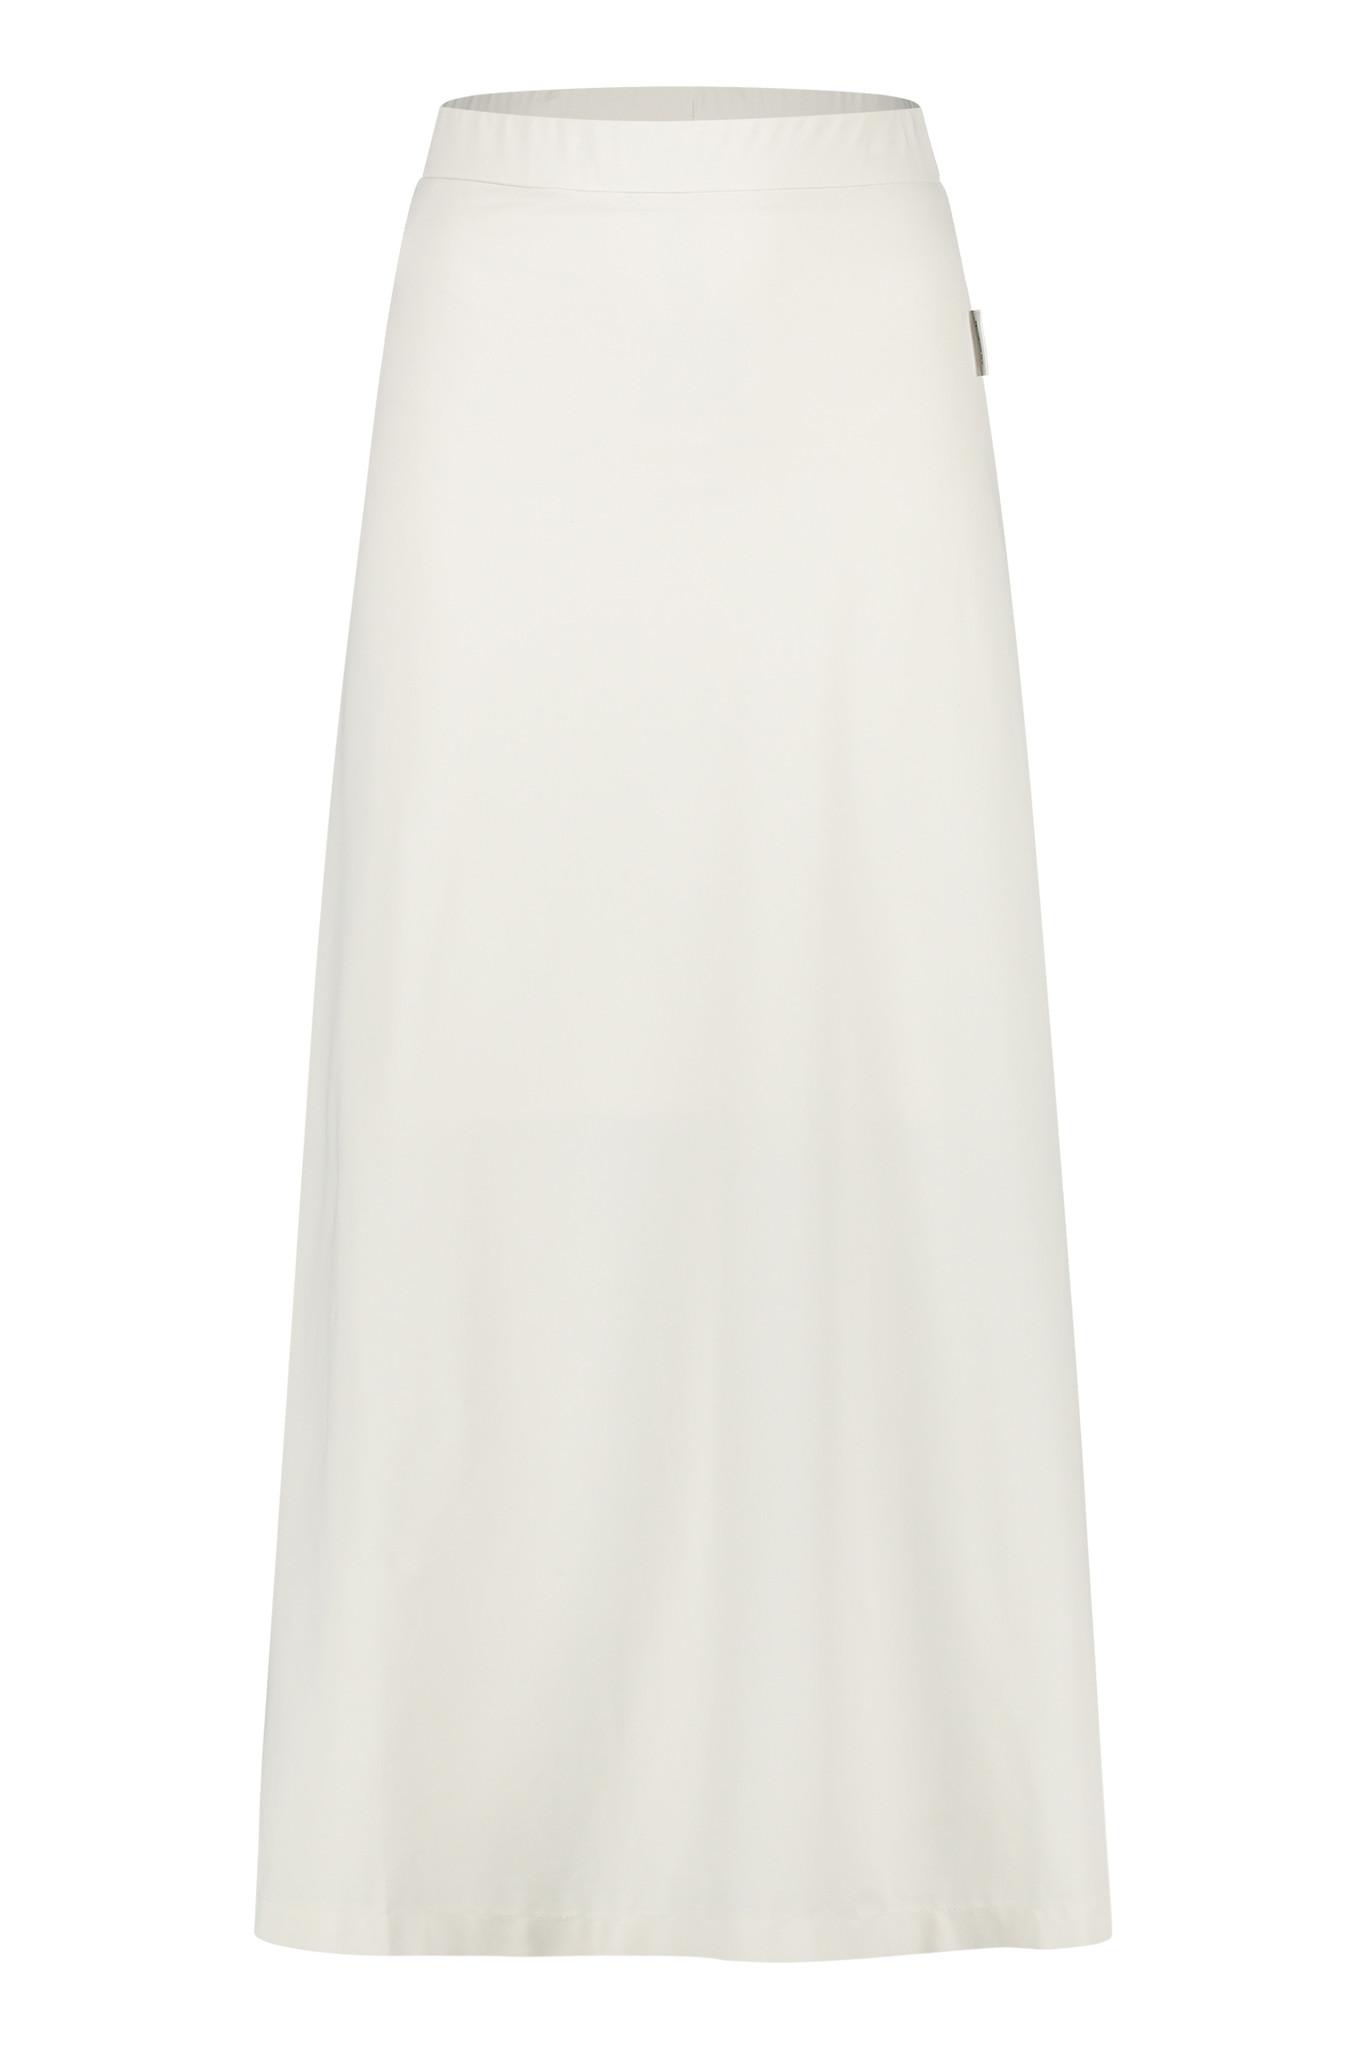 Penn & Ink Skirt S21N960-1